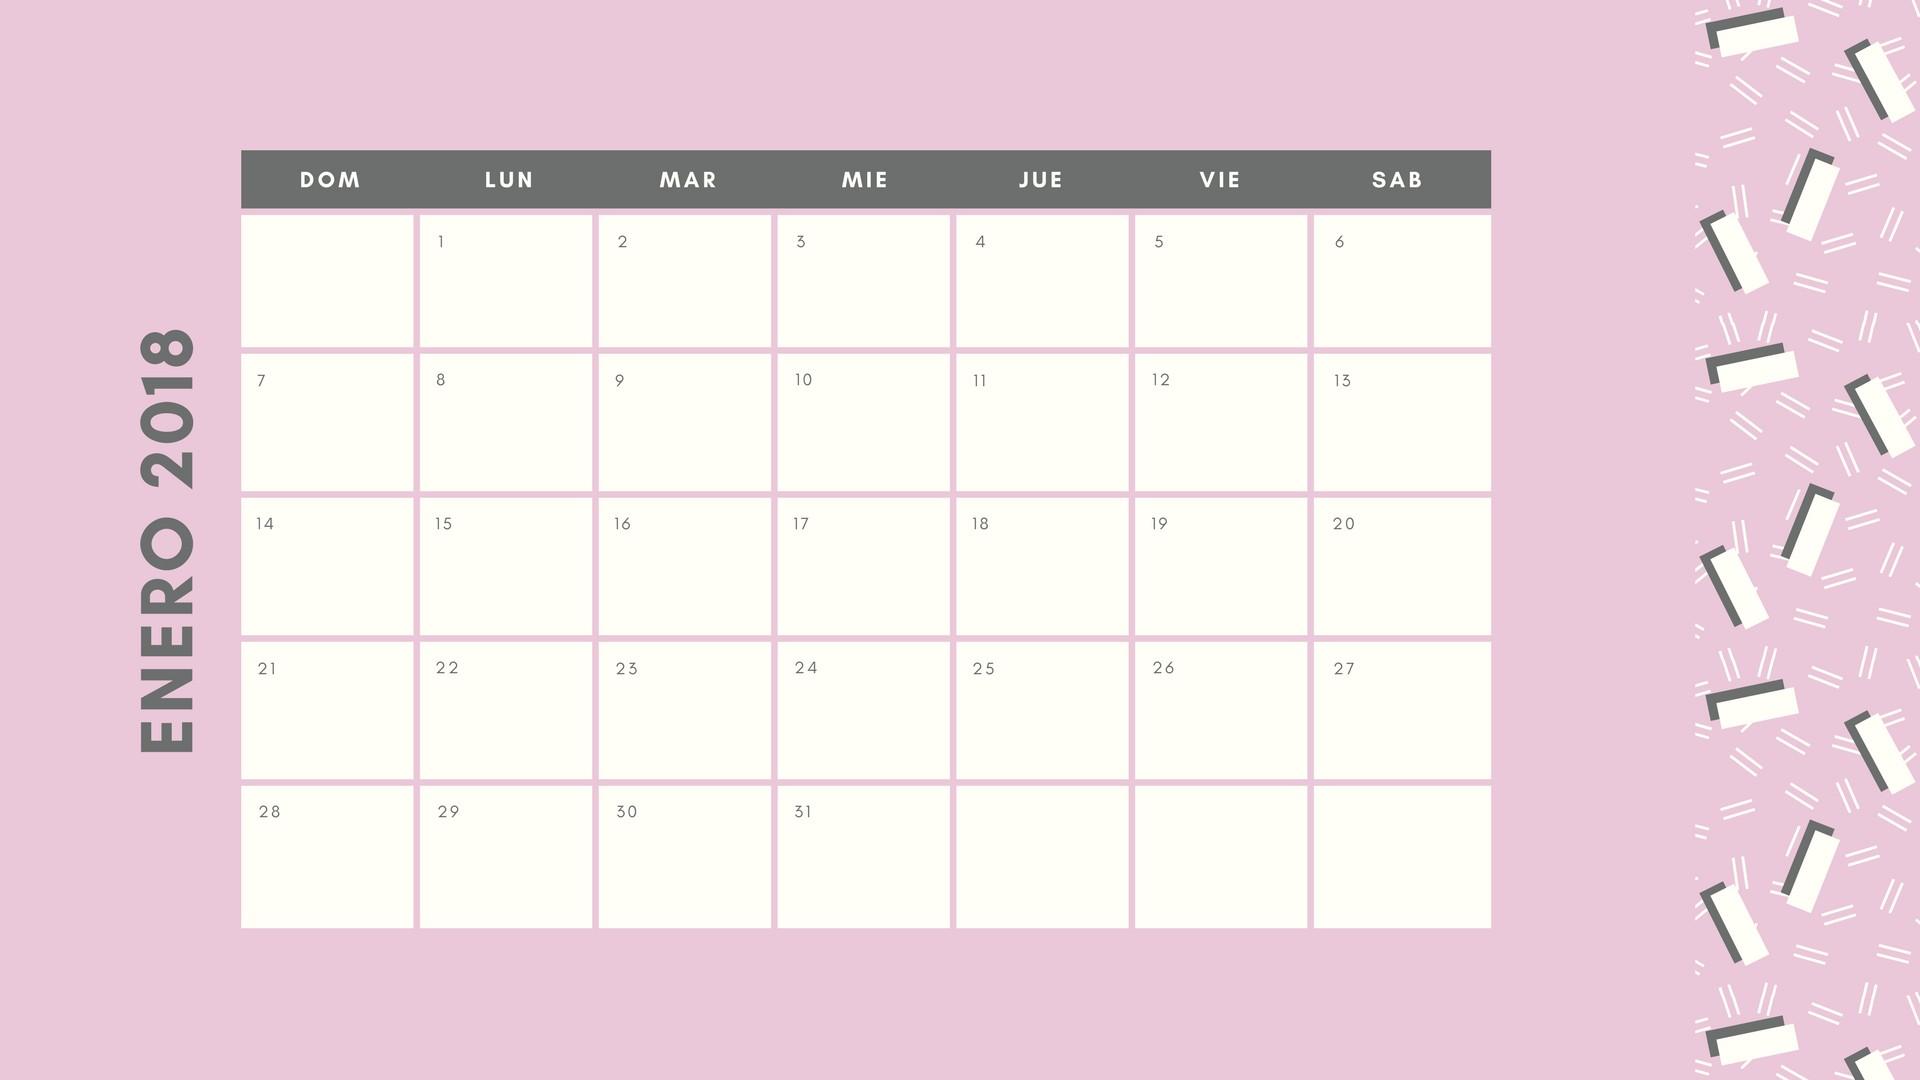 Calendario Febrero 2019 Argentina Imprimir Más Reciente Crea Calendarios Personalizados Online Gratis Con Canva